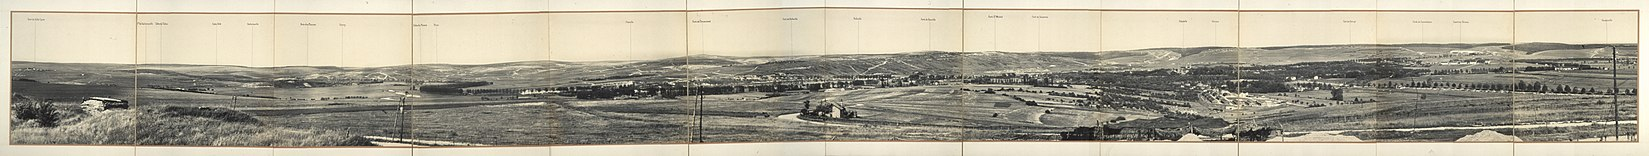 Panorama de Verdun, vue prise du Fort de la Chaume, 1917